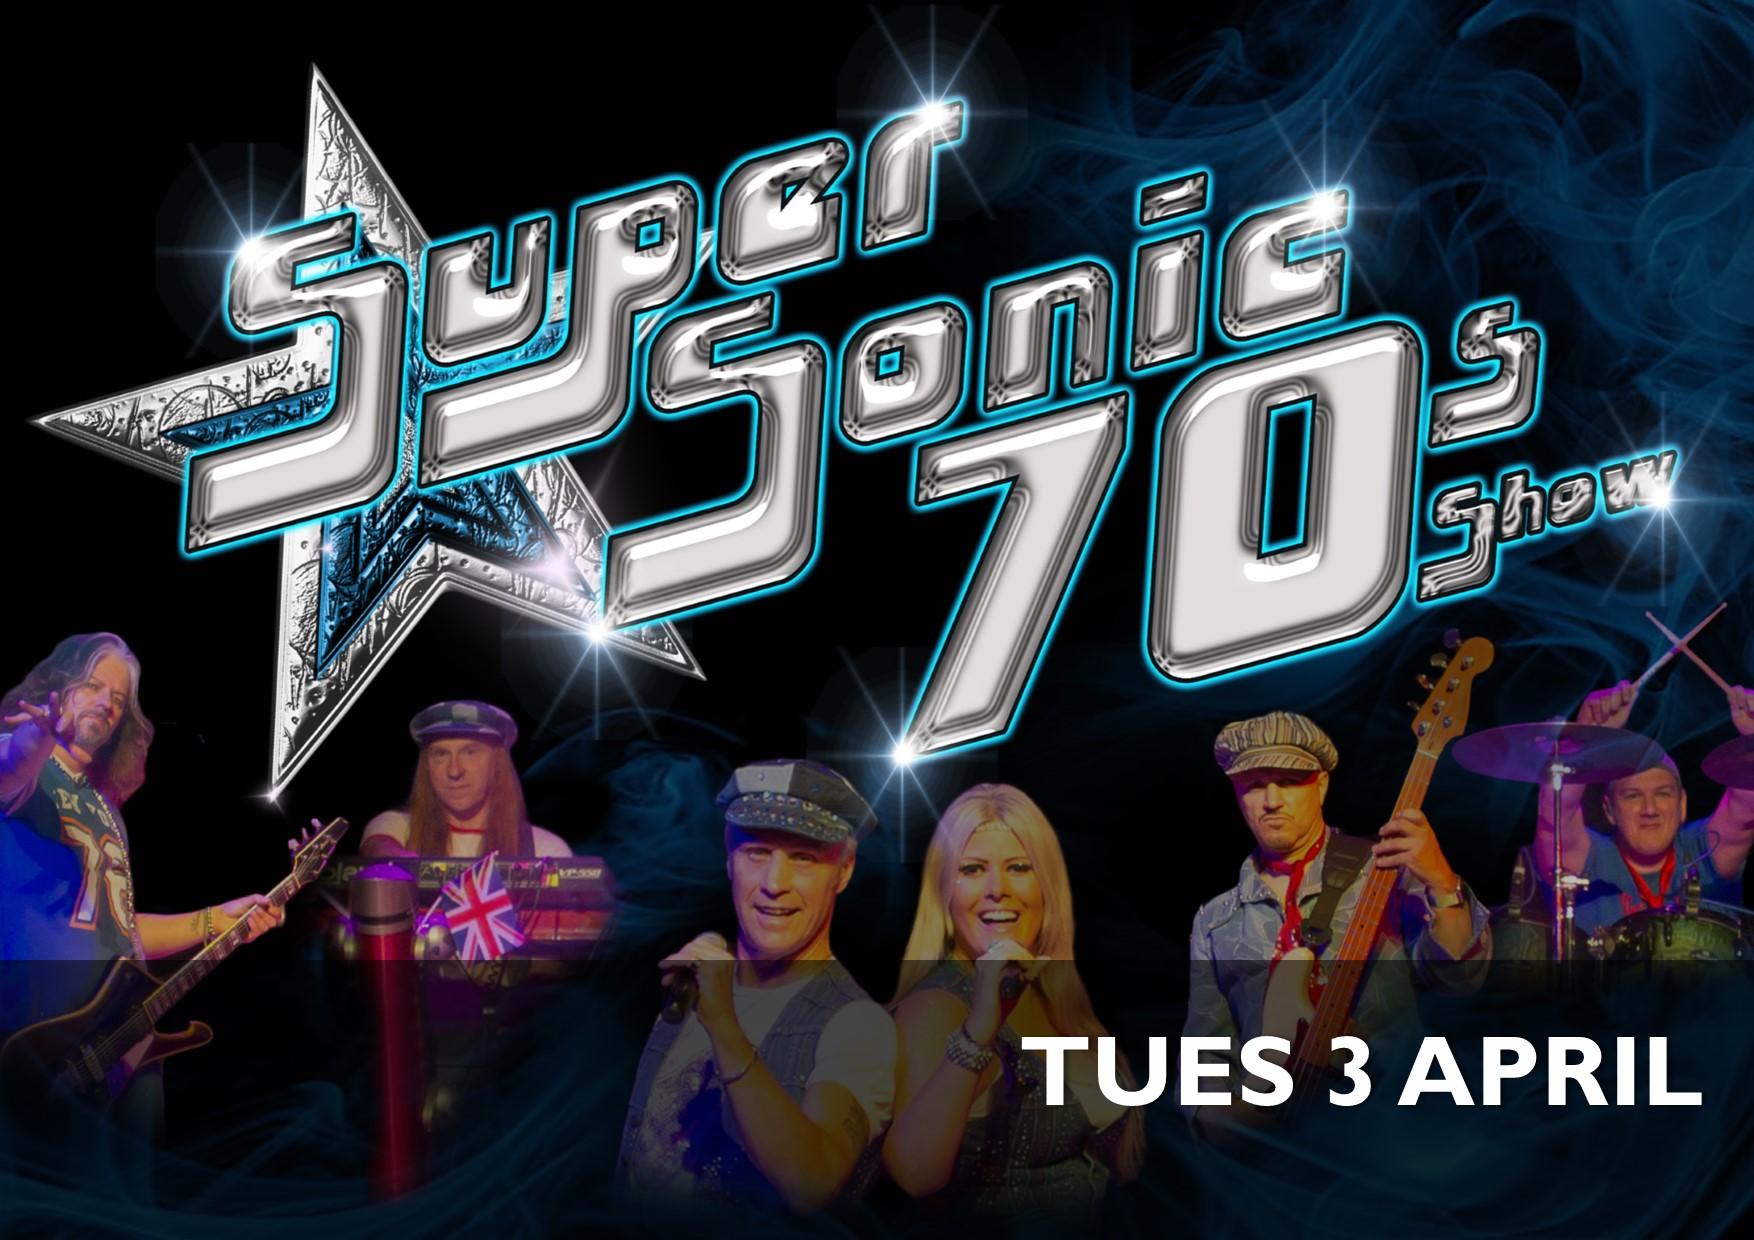 Supersonic 70s Show - 3 April